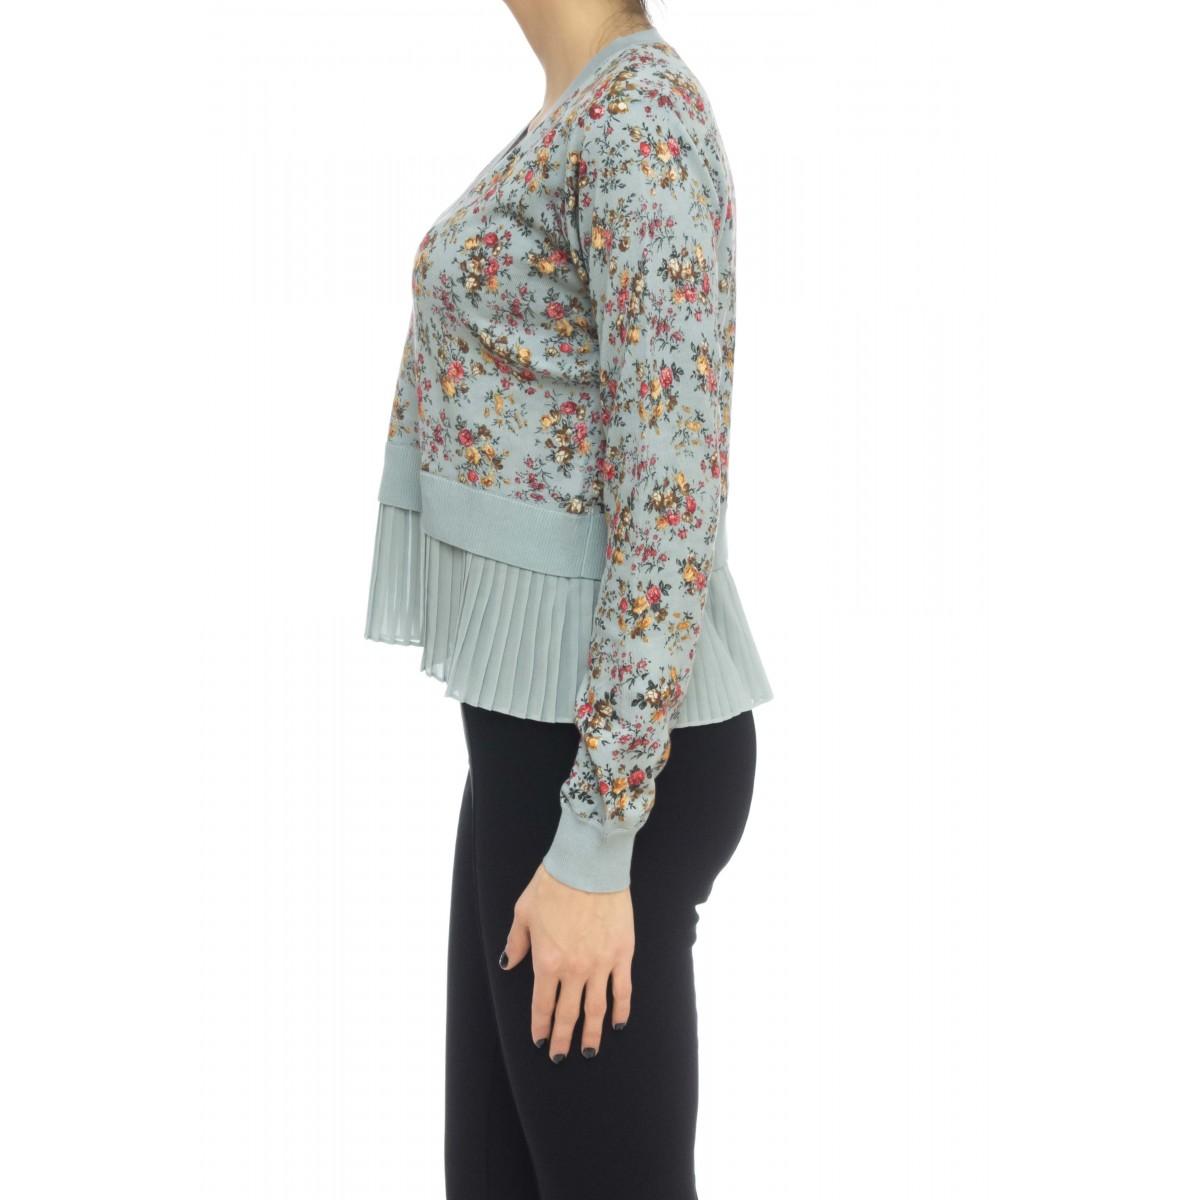 Maglia donna - 3414 maglia stampa